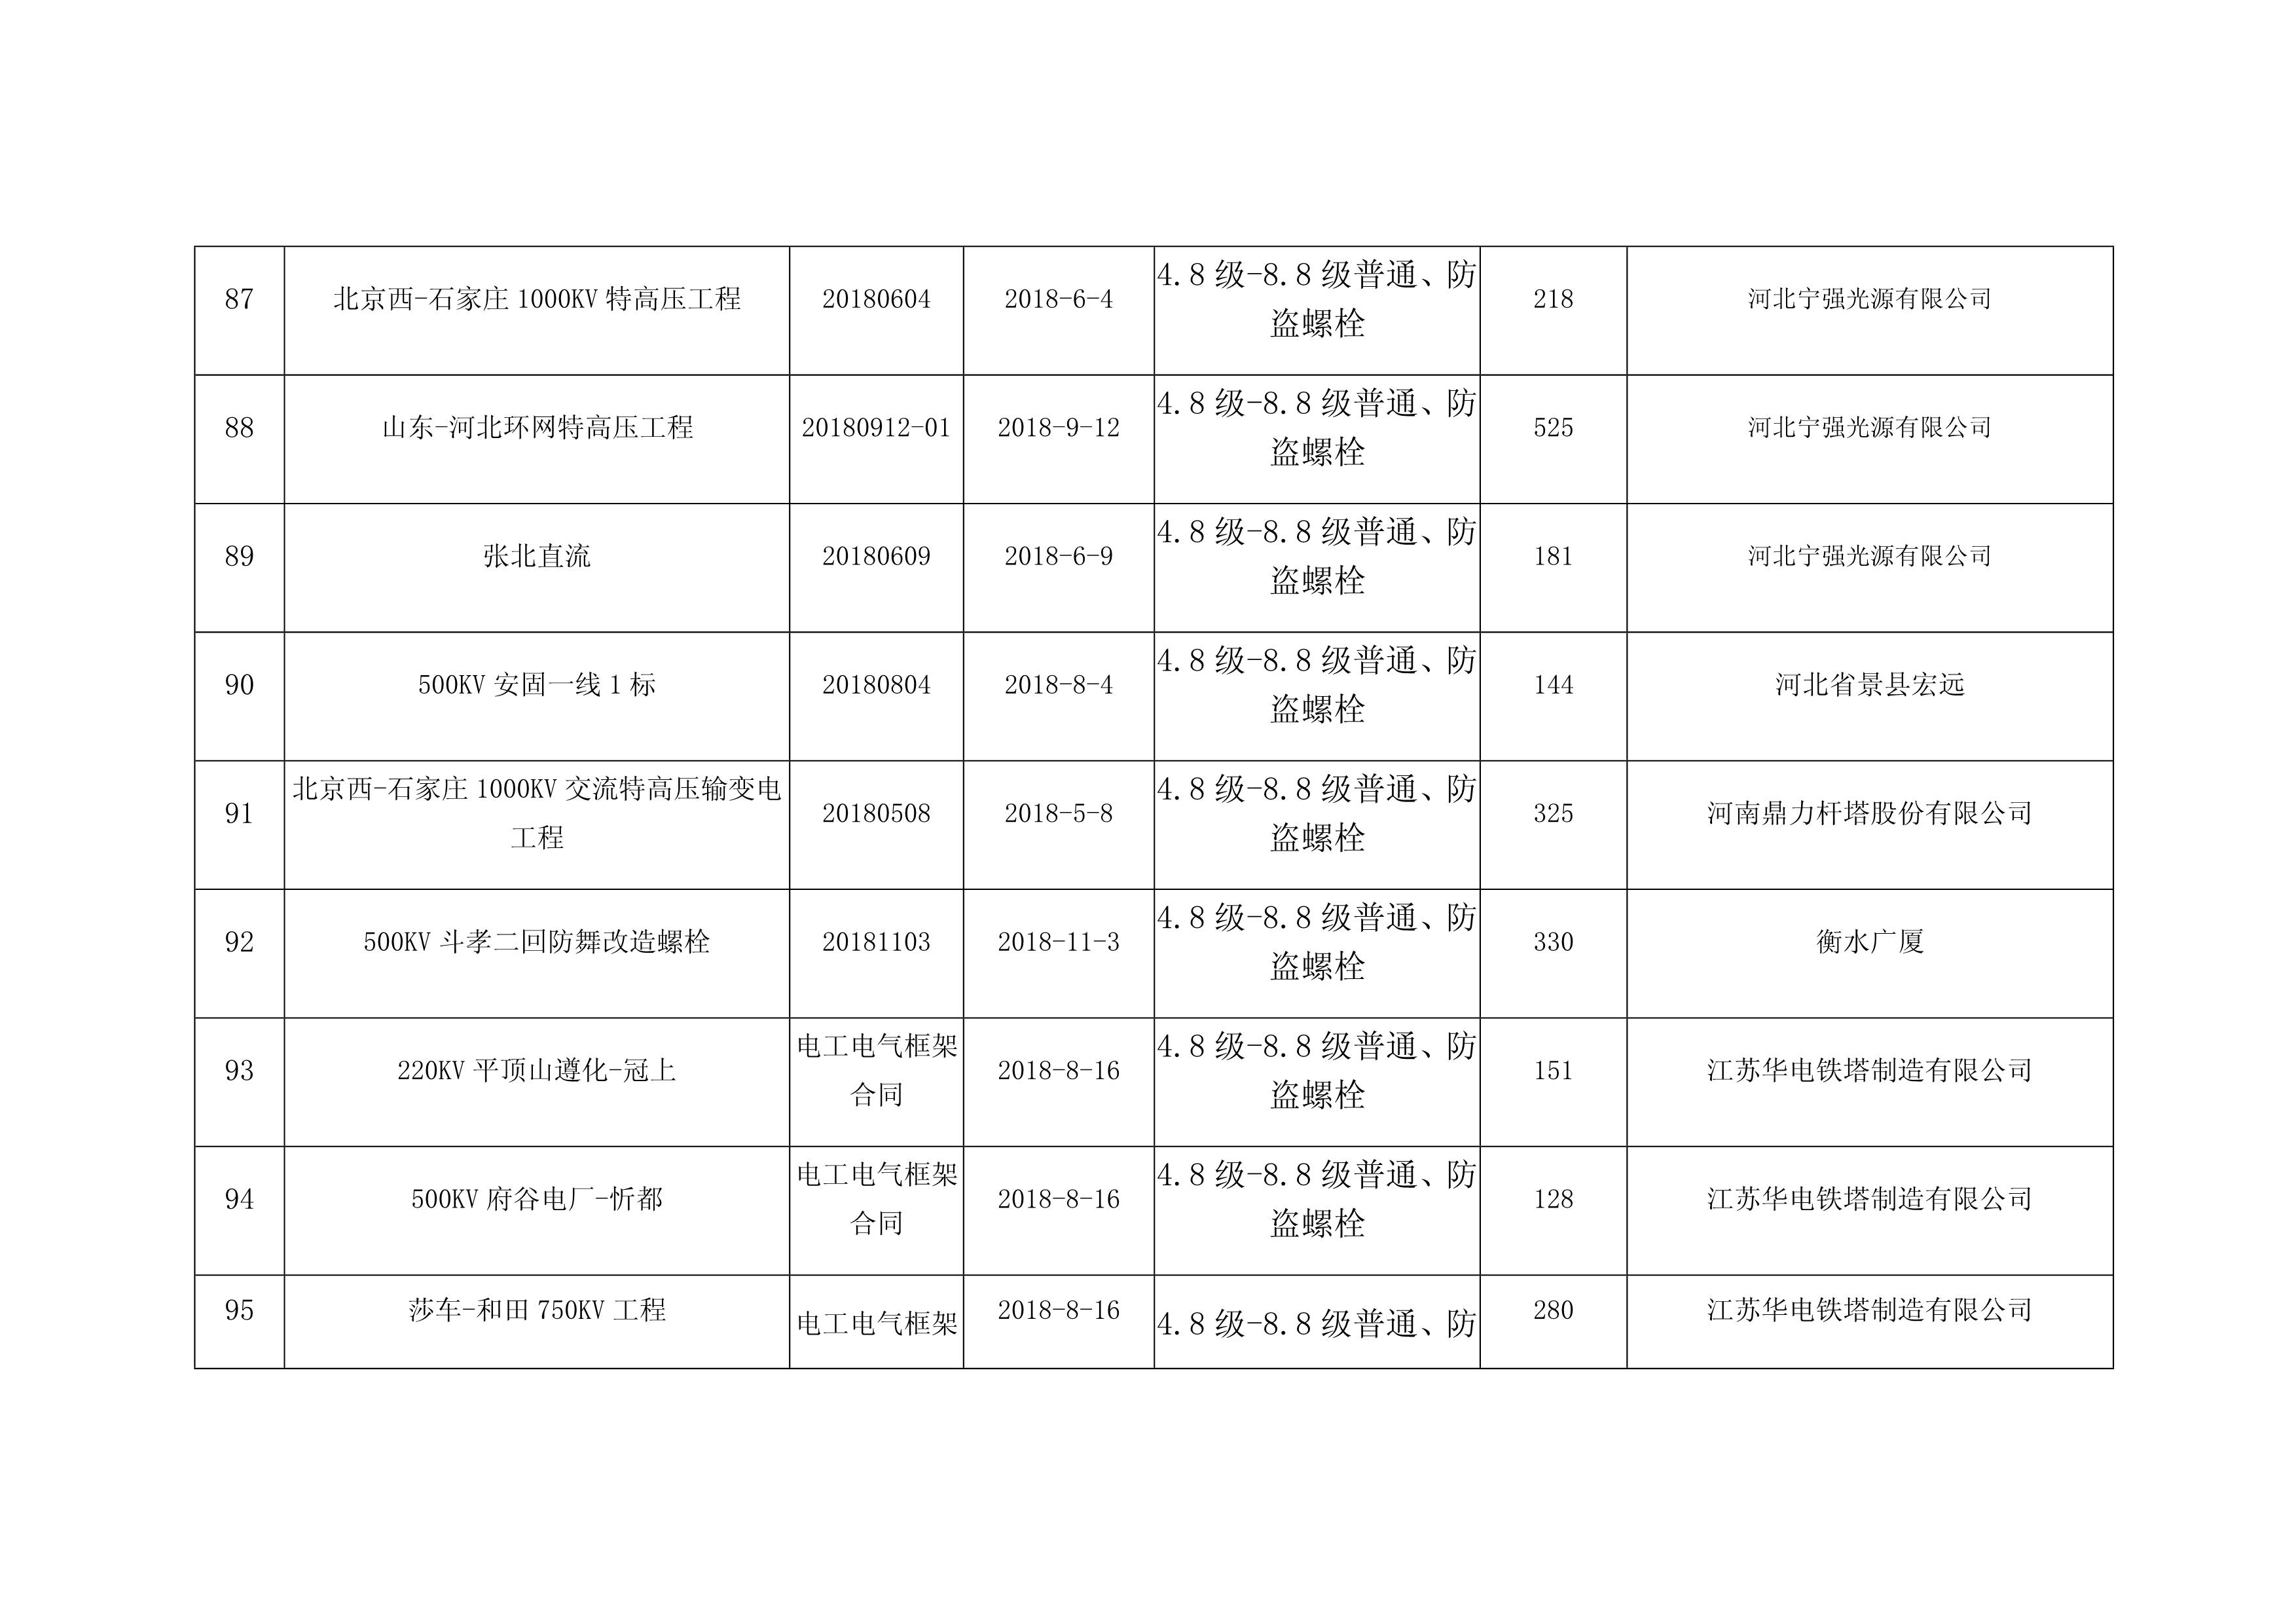 2017-2019业绩表_10